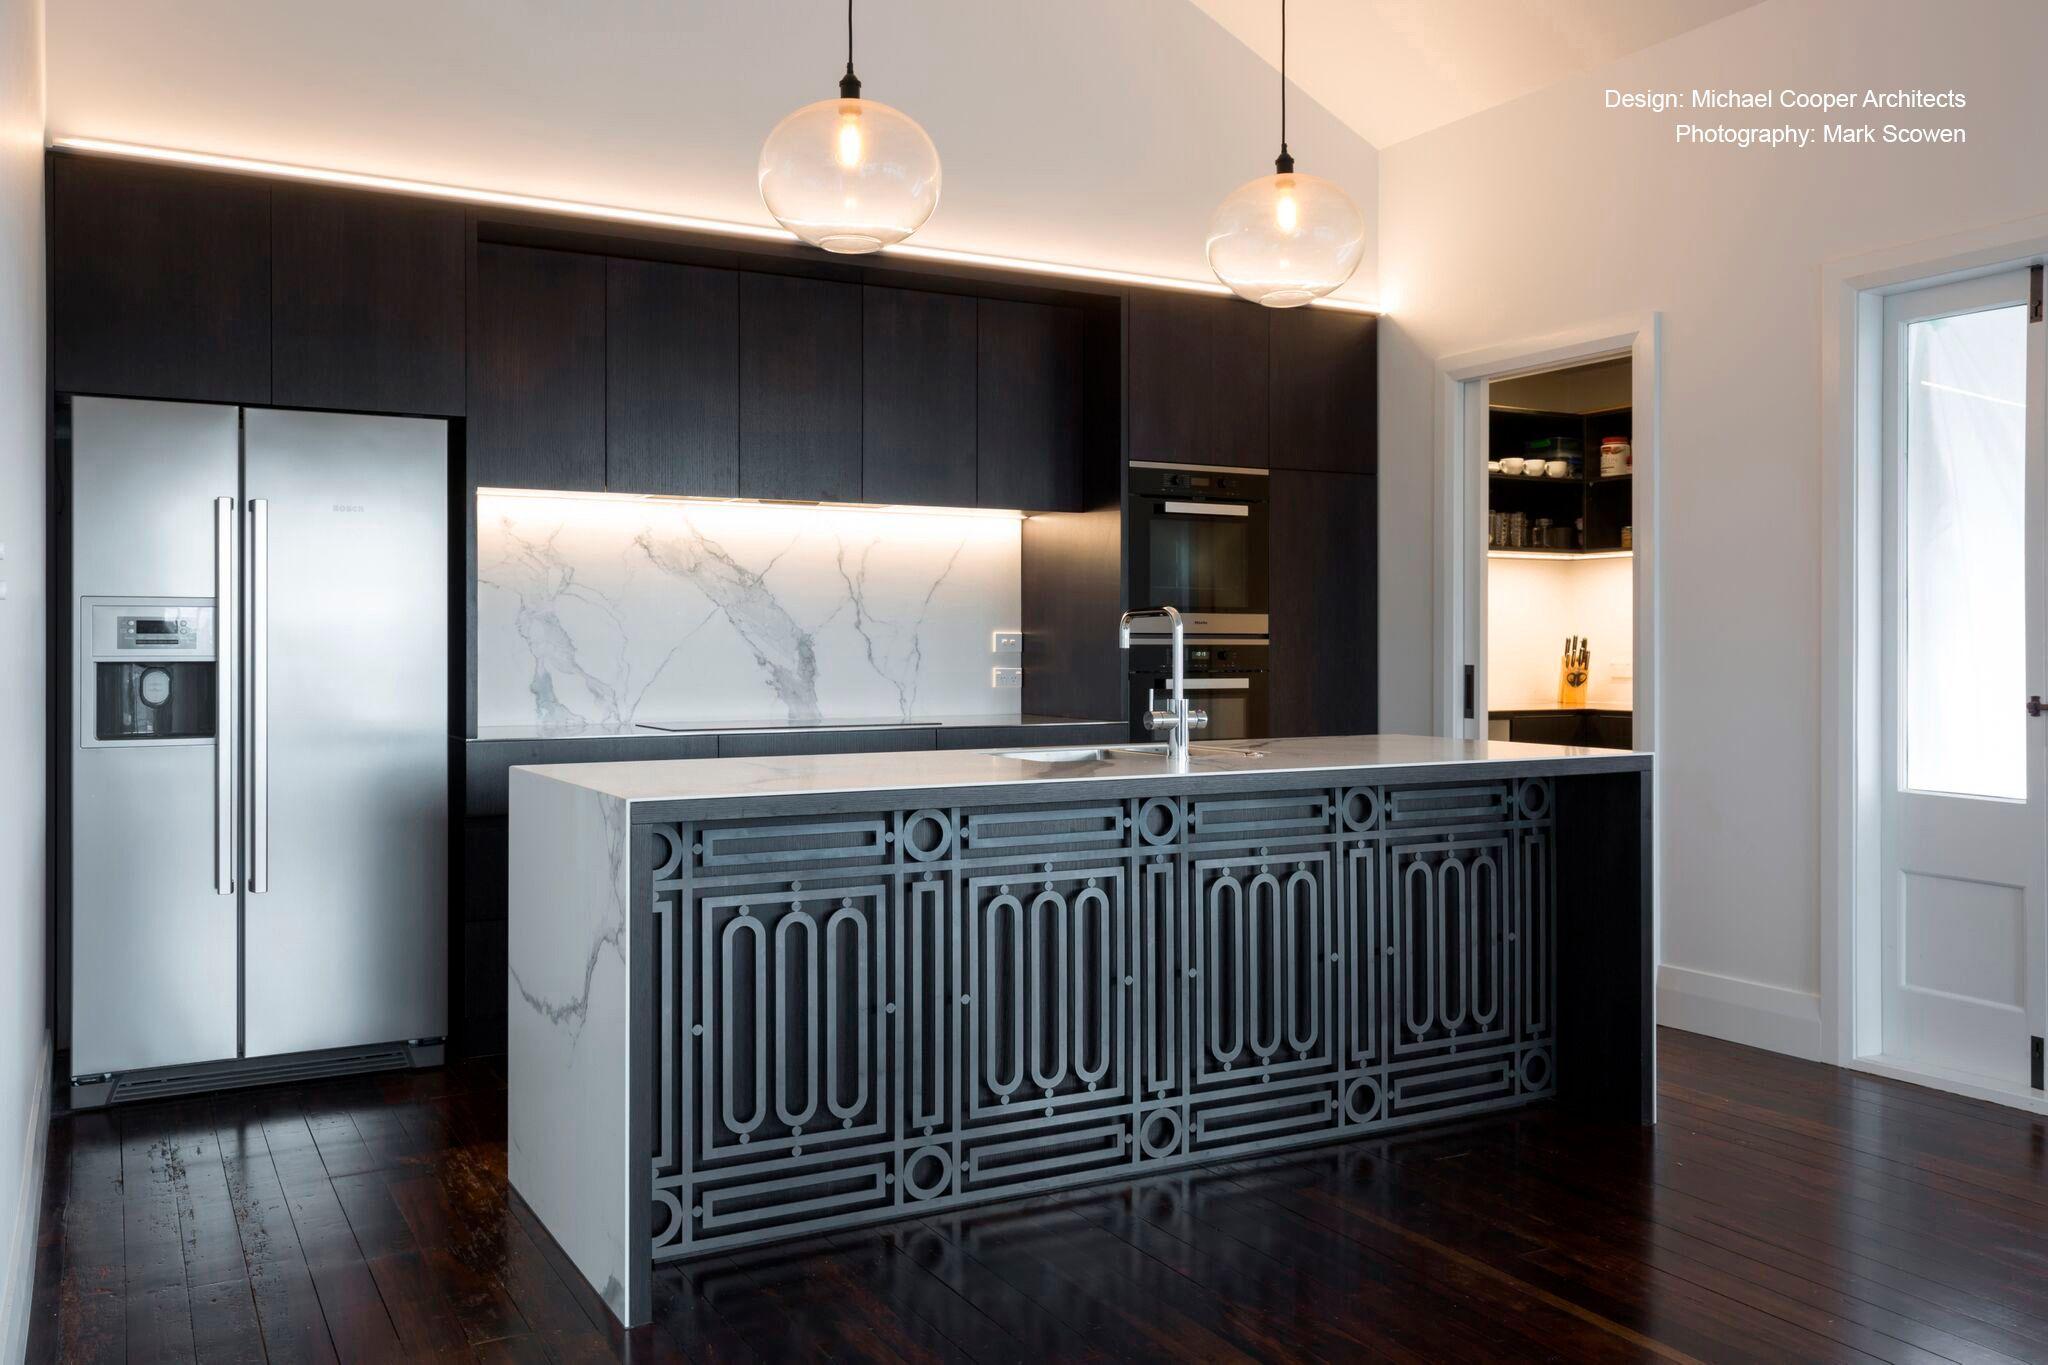 Monochrome Art Deco Meets Modern Luxury Buy Kitchen Cabinets Interior Design Kitchen Kitchen Cabinets Brands